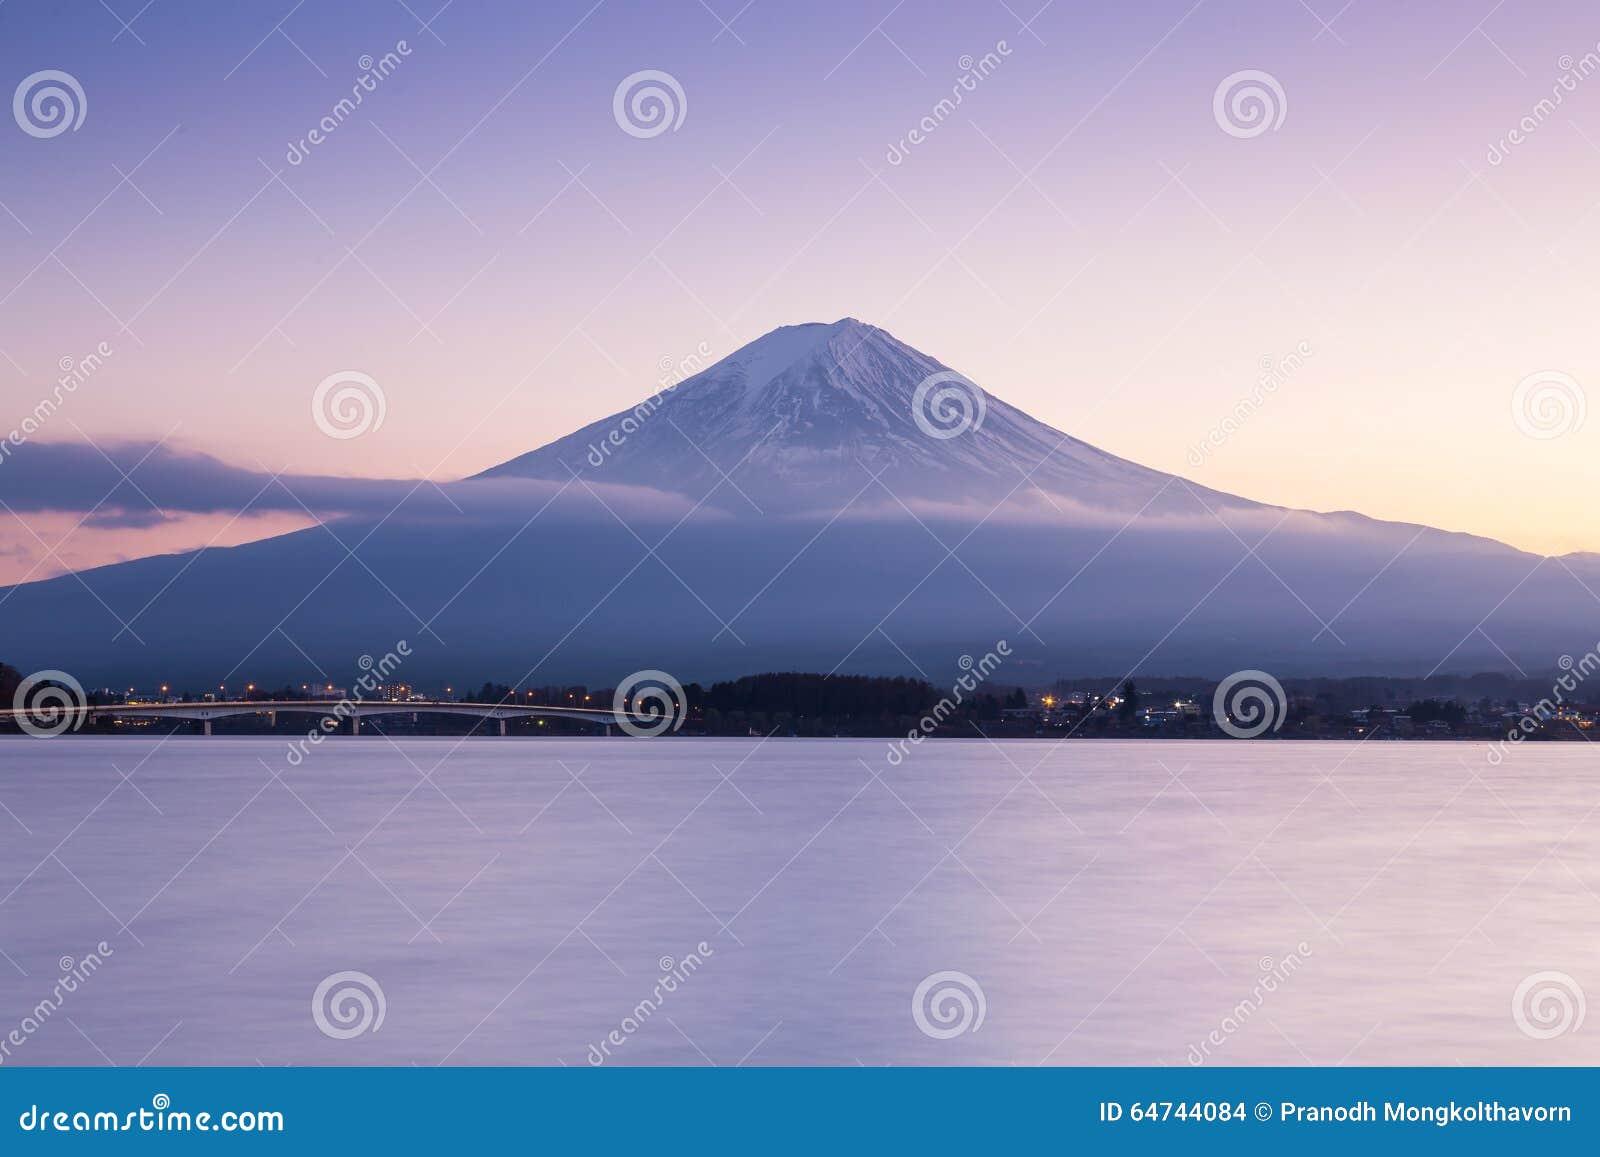 After sunset of Fuji mountain on Kawaguchi Lake